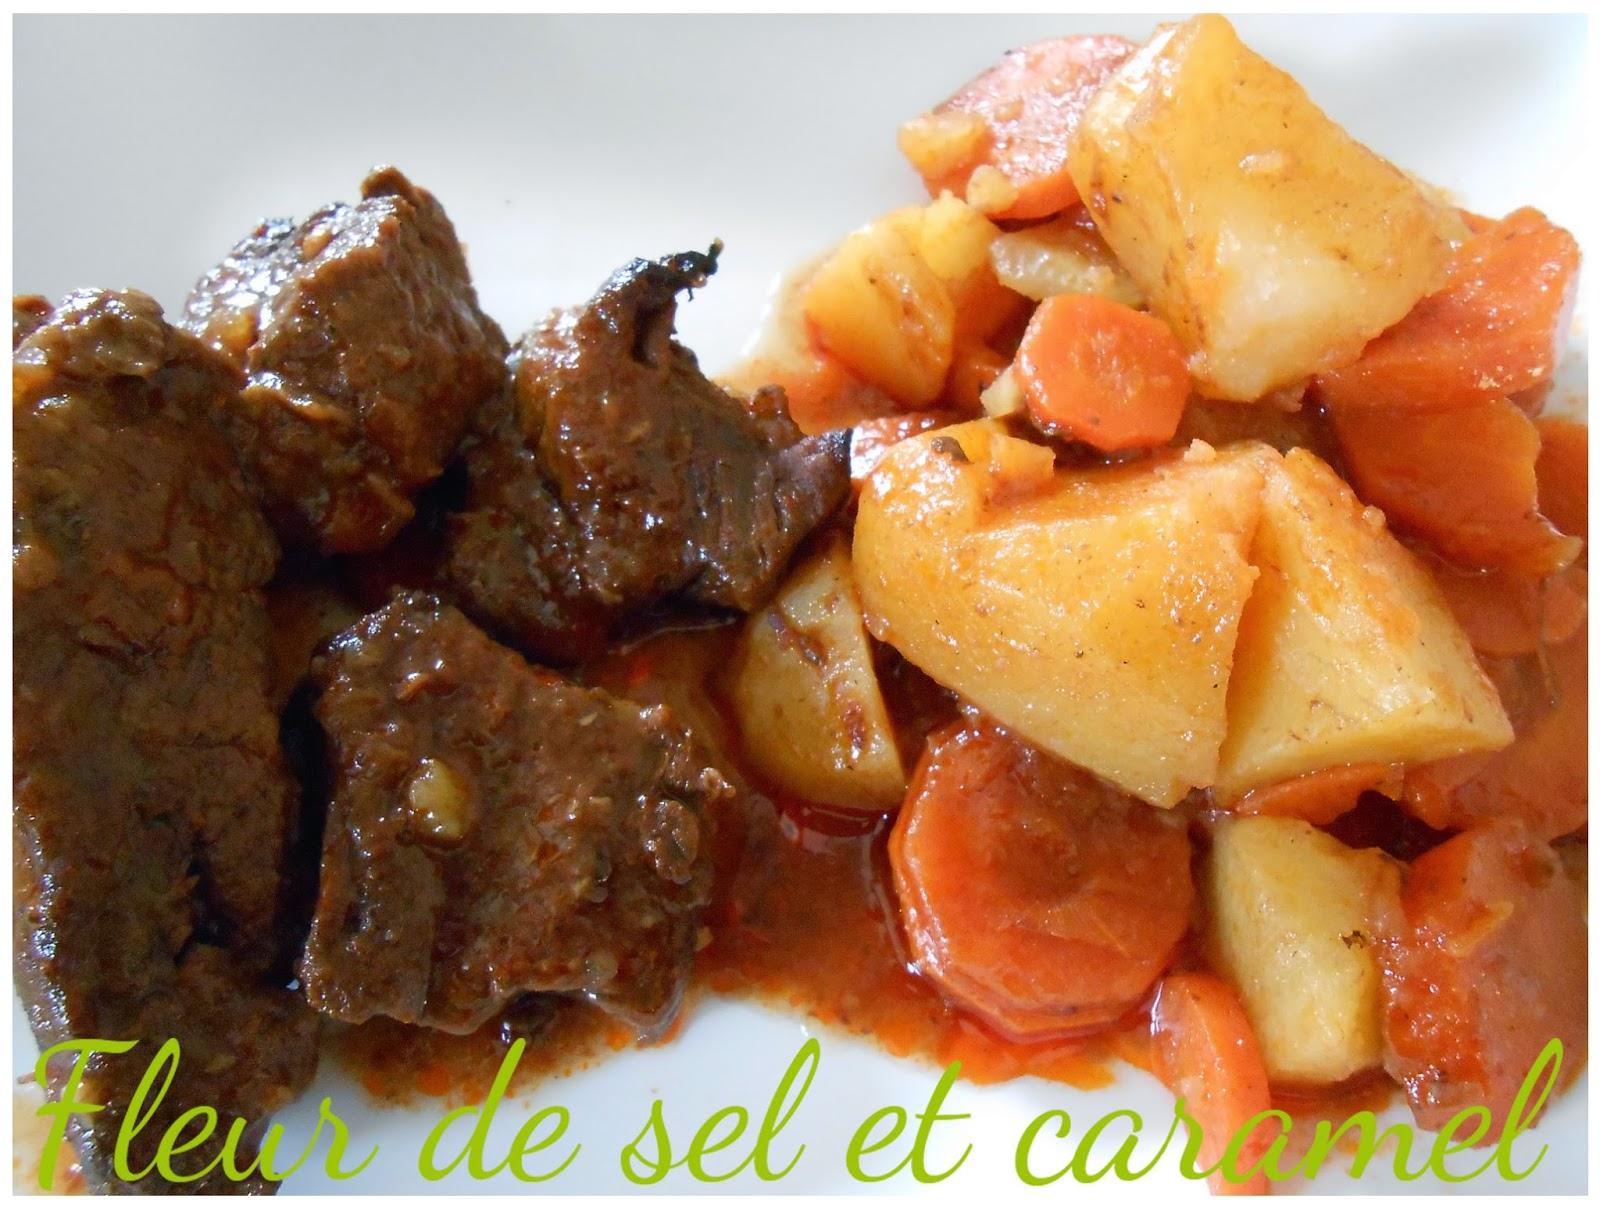 Boeuf braisé aux carottes et pommes de terre